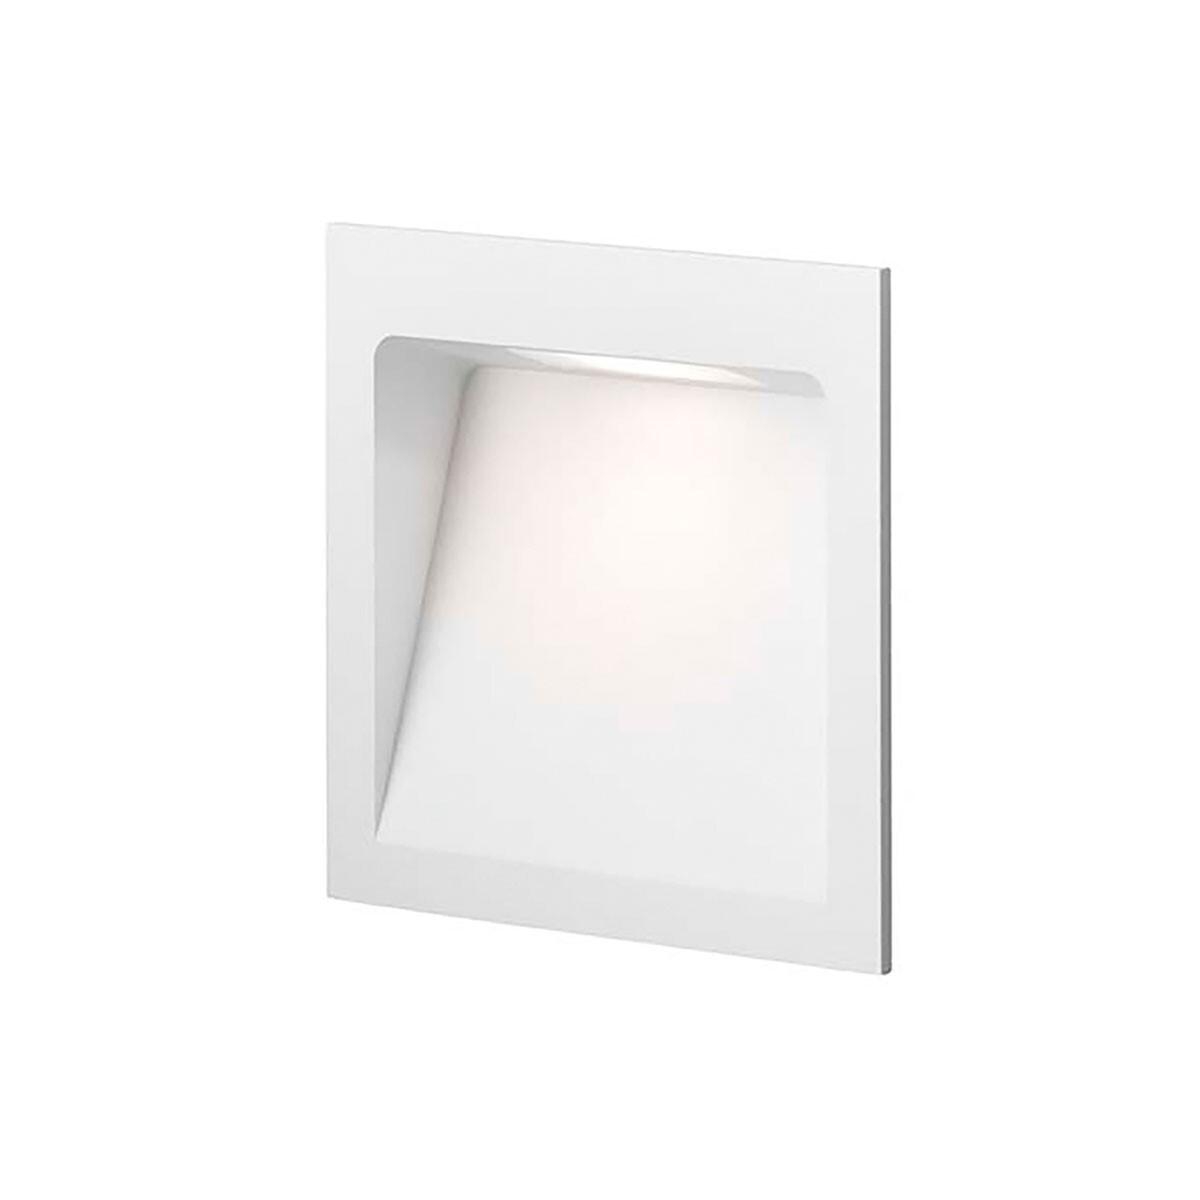 Deli 2 LED 3000K Væglampe Hvid – LIGHT-POINT